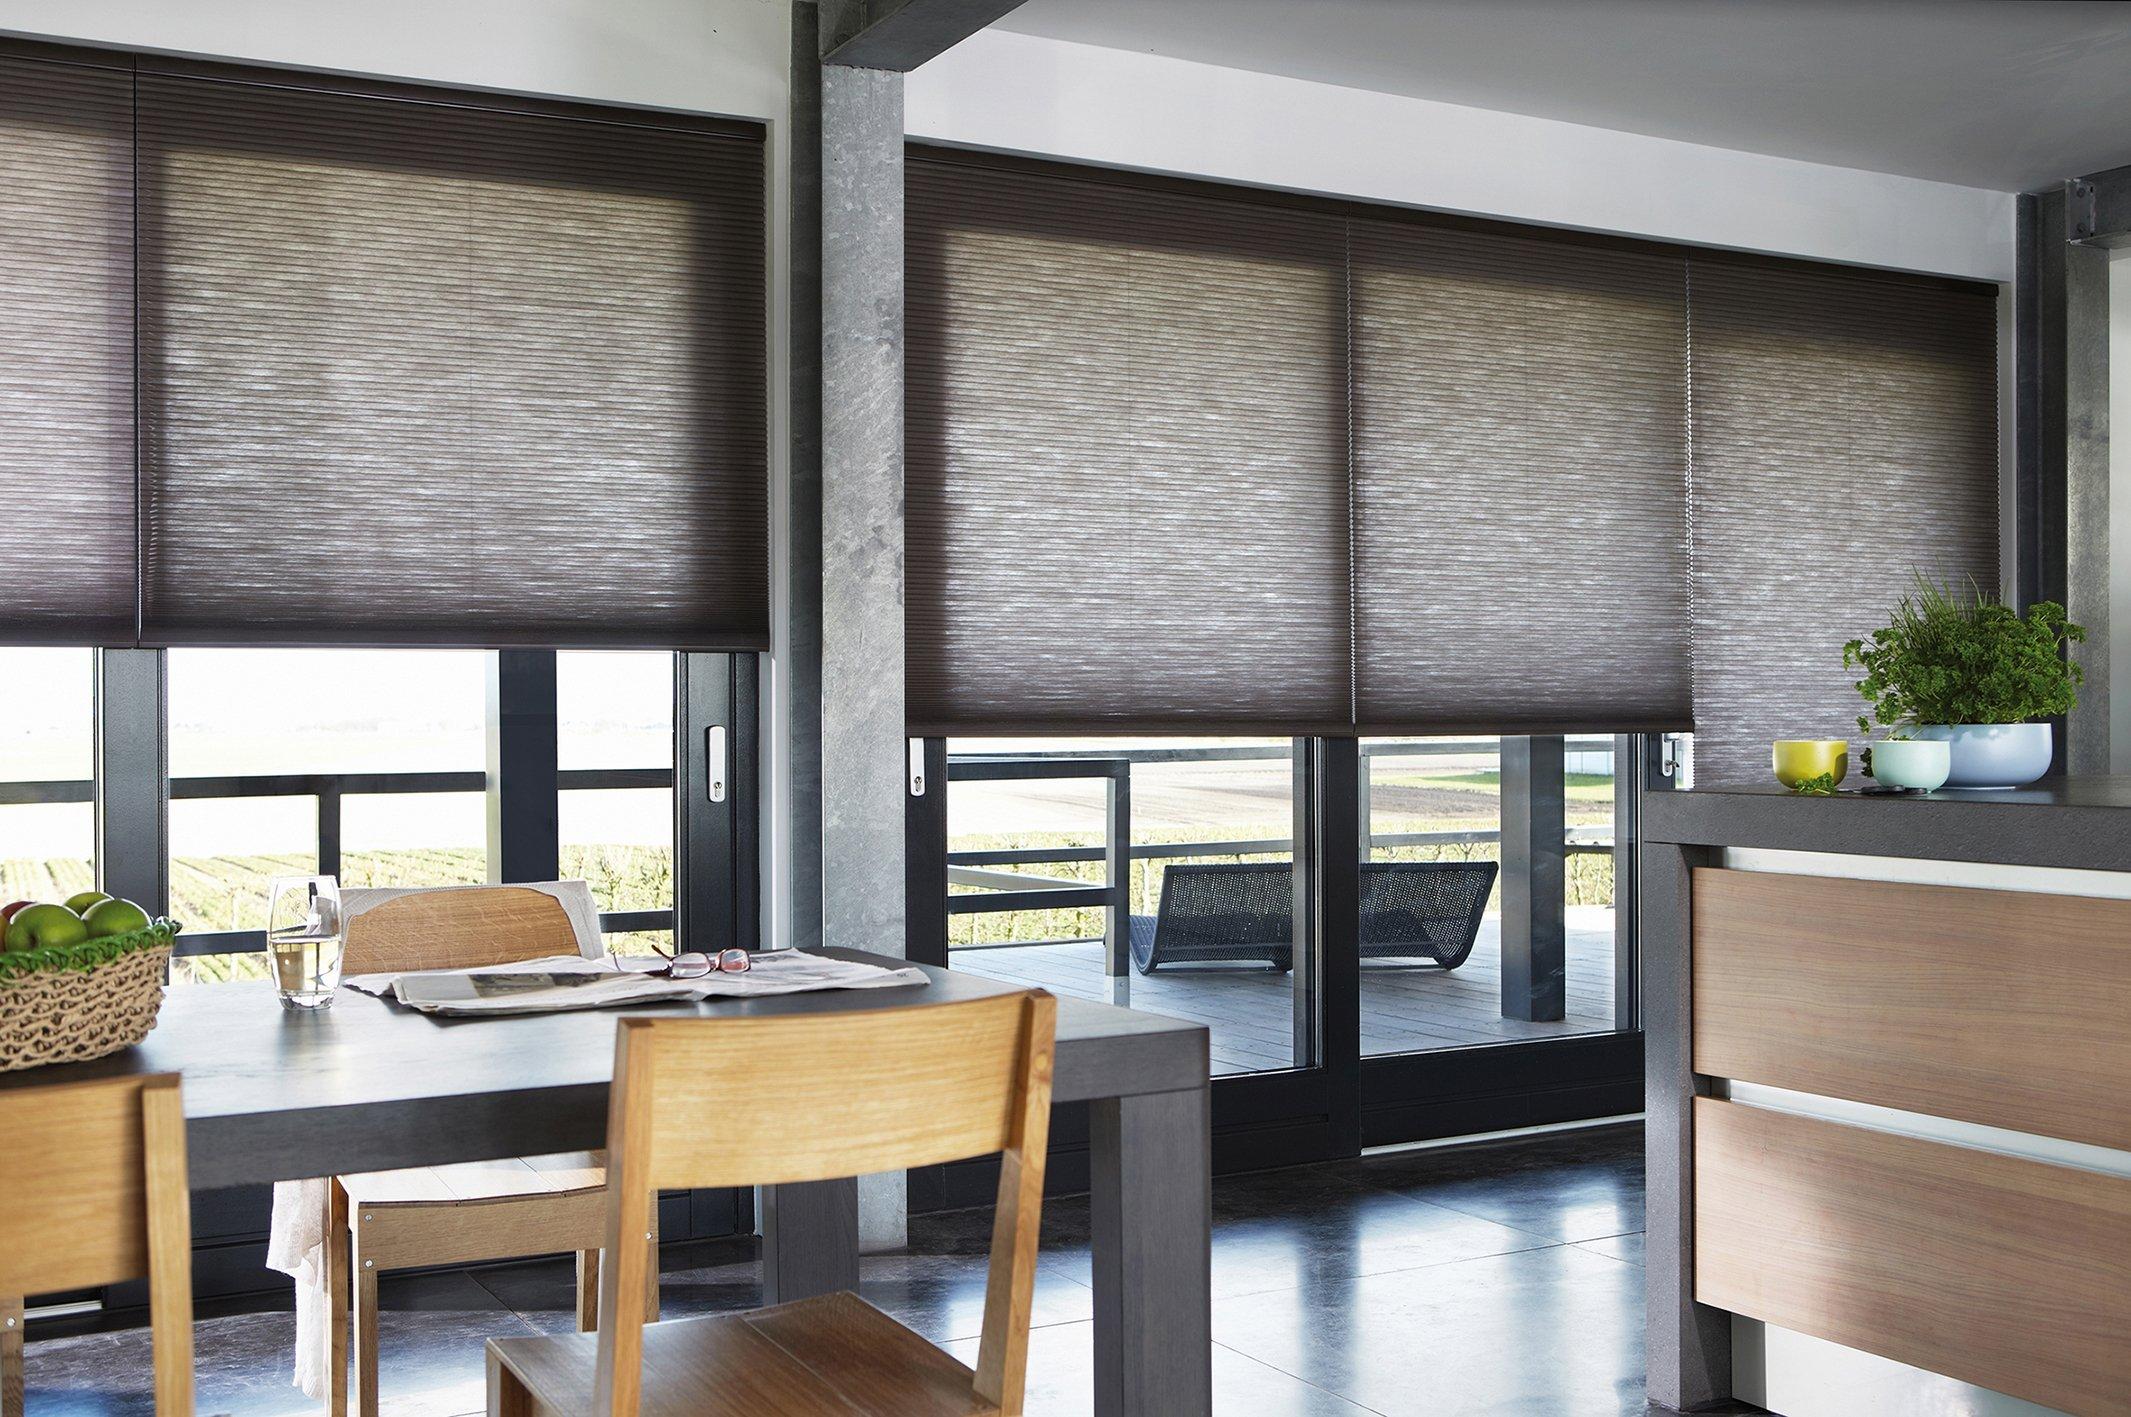 half-rolled blinds